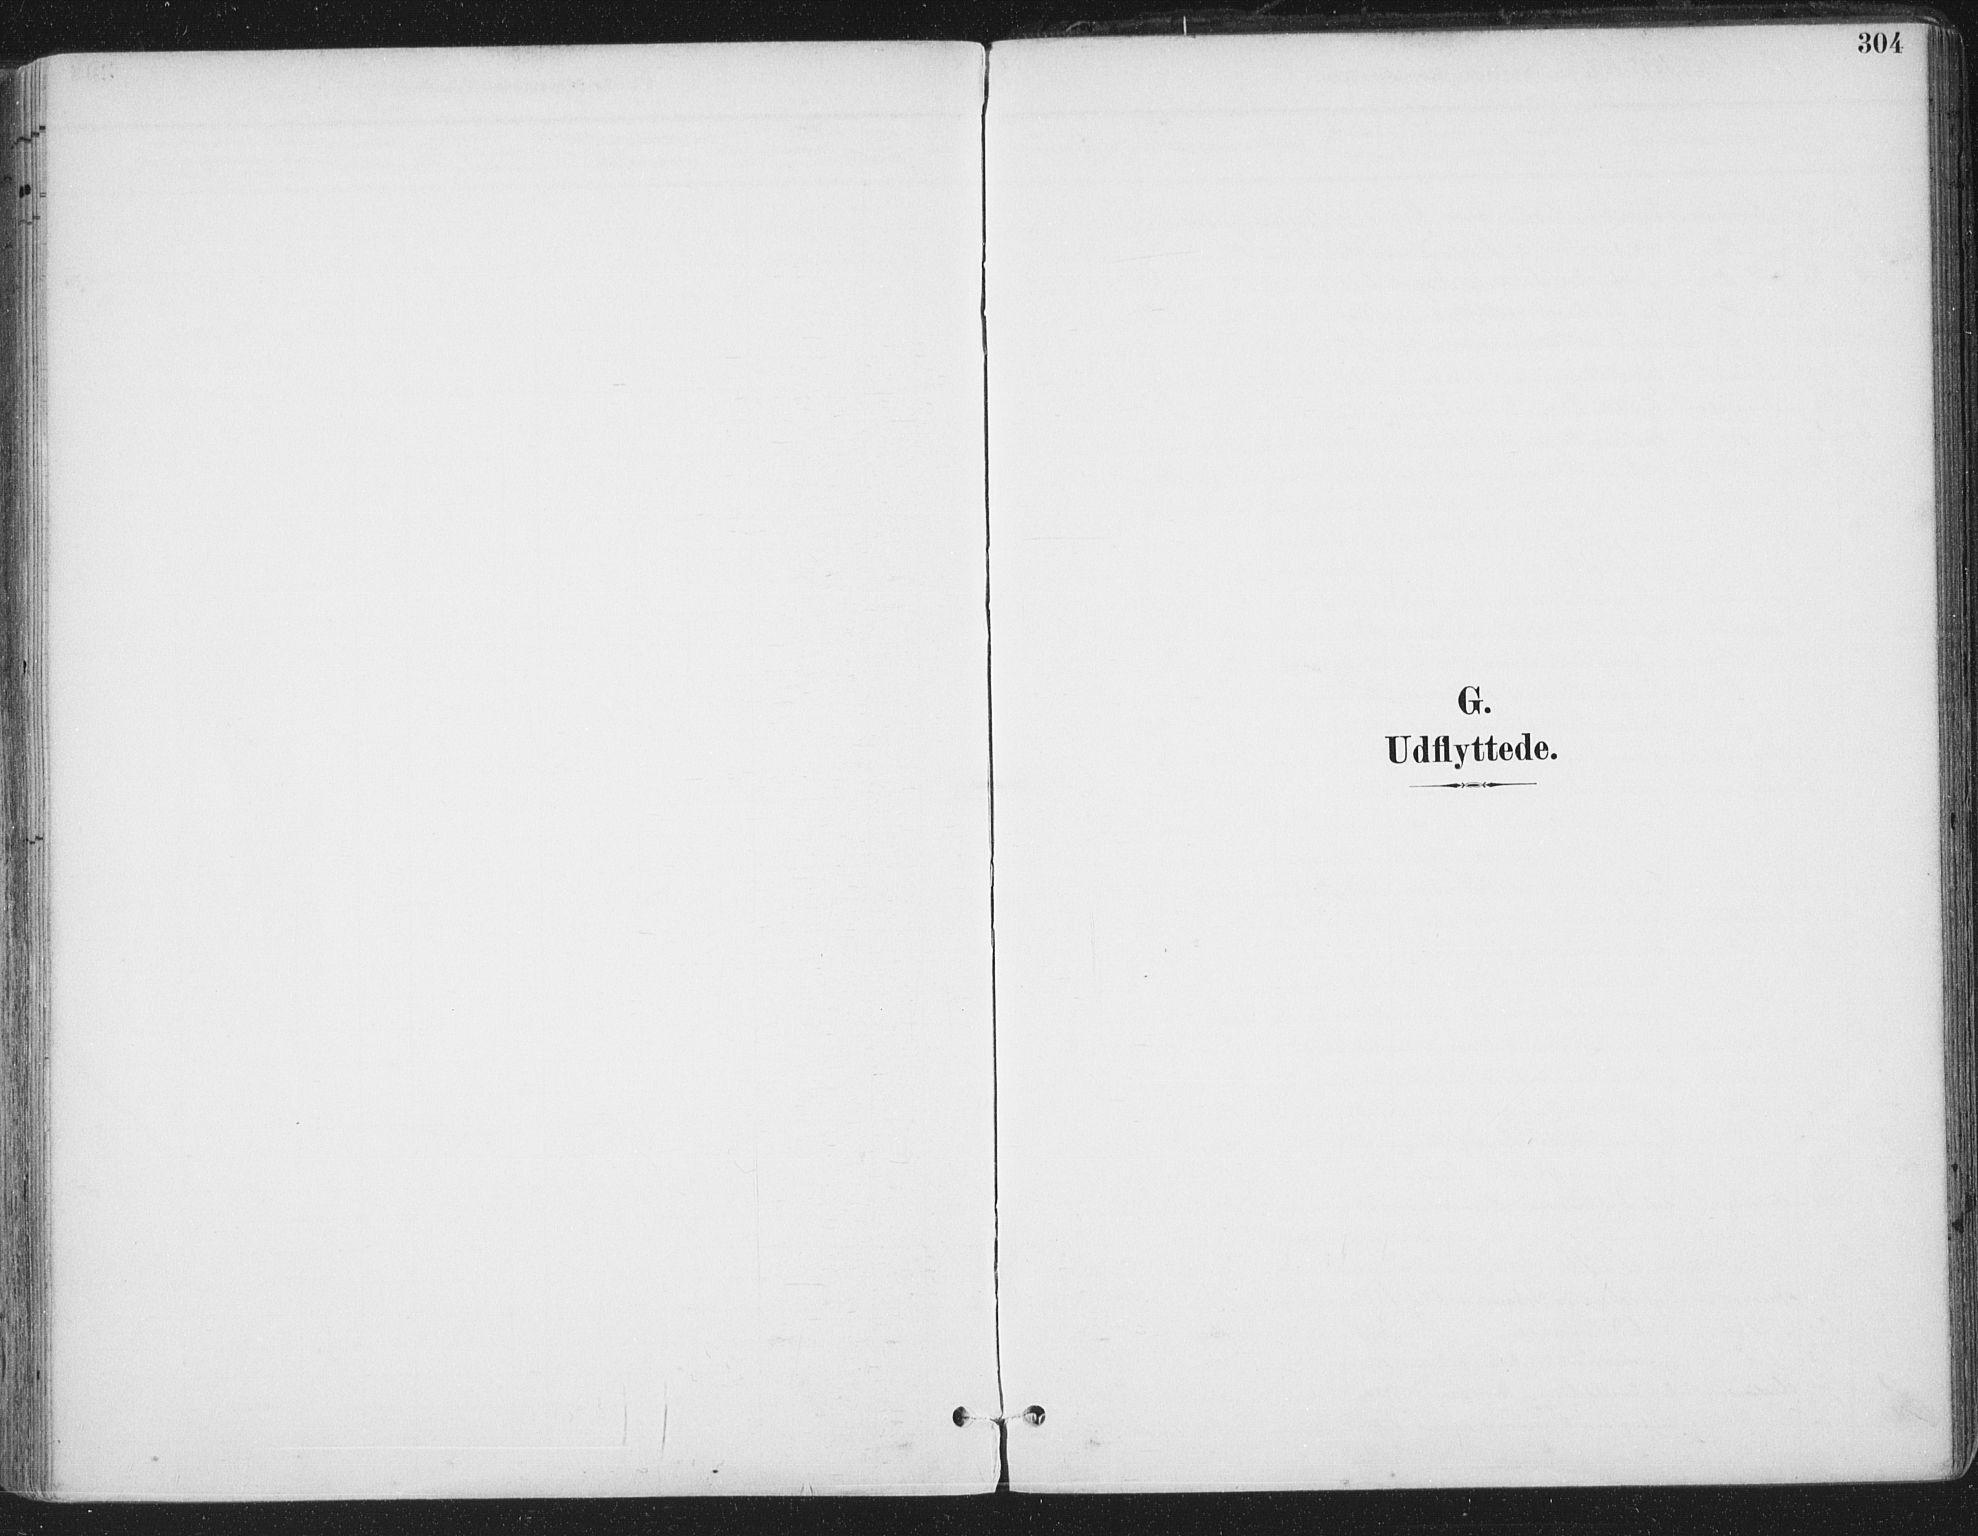 SAT, Ministerialprotokoller, klokkerbøker og fødselsregistre - Sør-Trøndelag, 659/L0743: Ministerialbok nr. 659A13, 1893-1910, s. 304